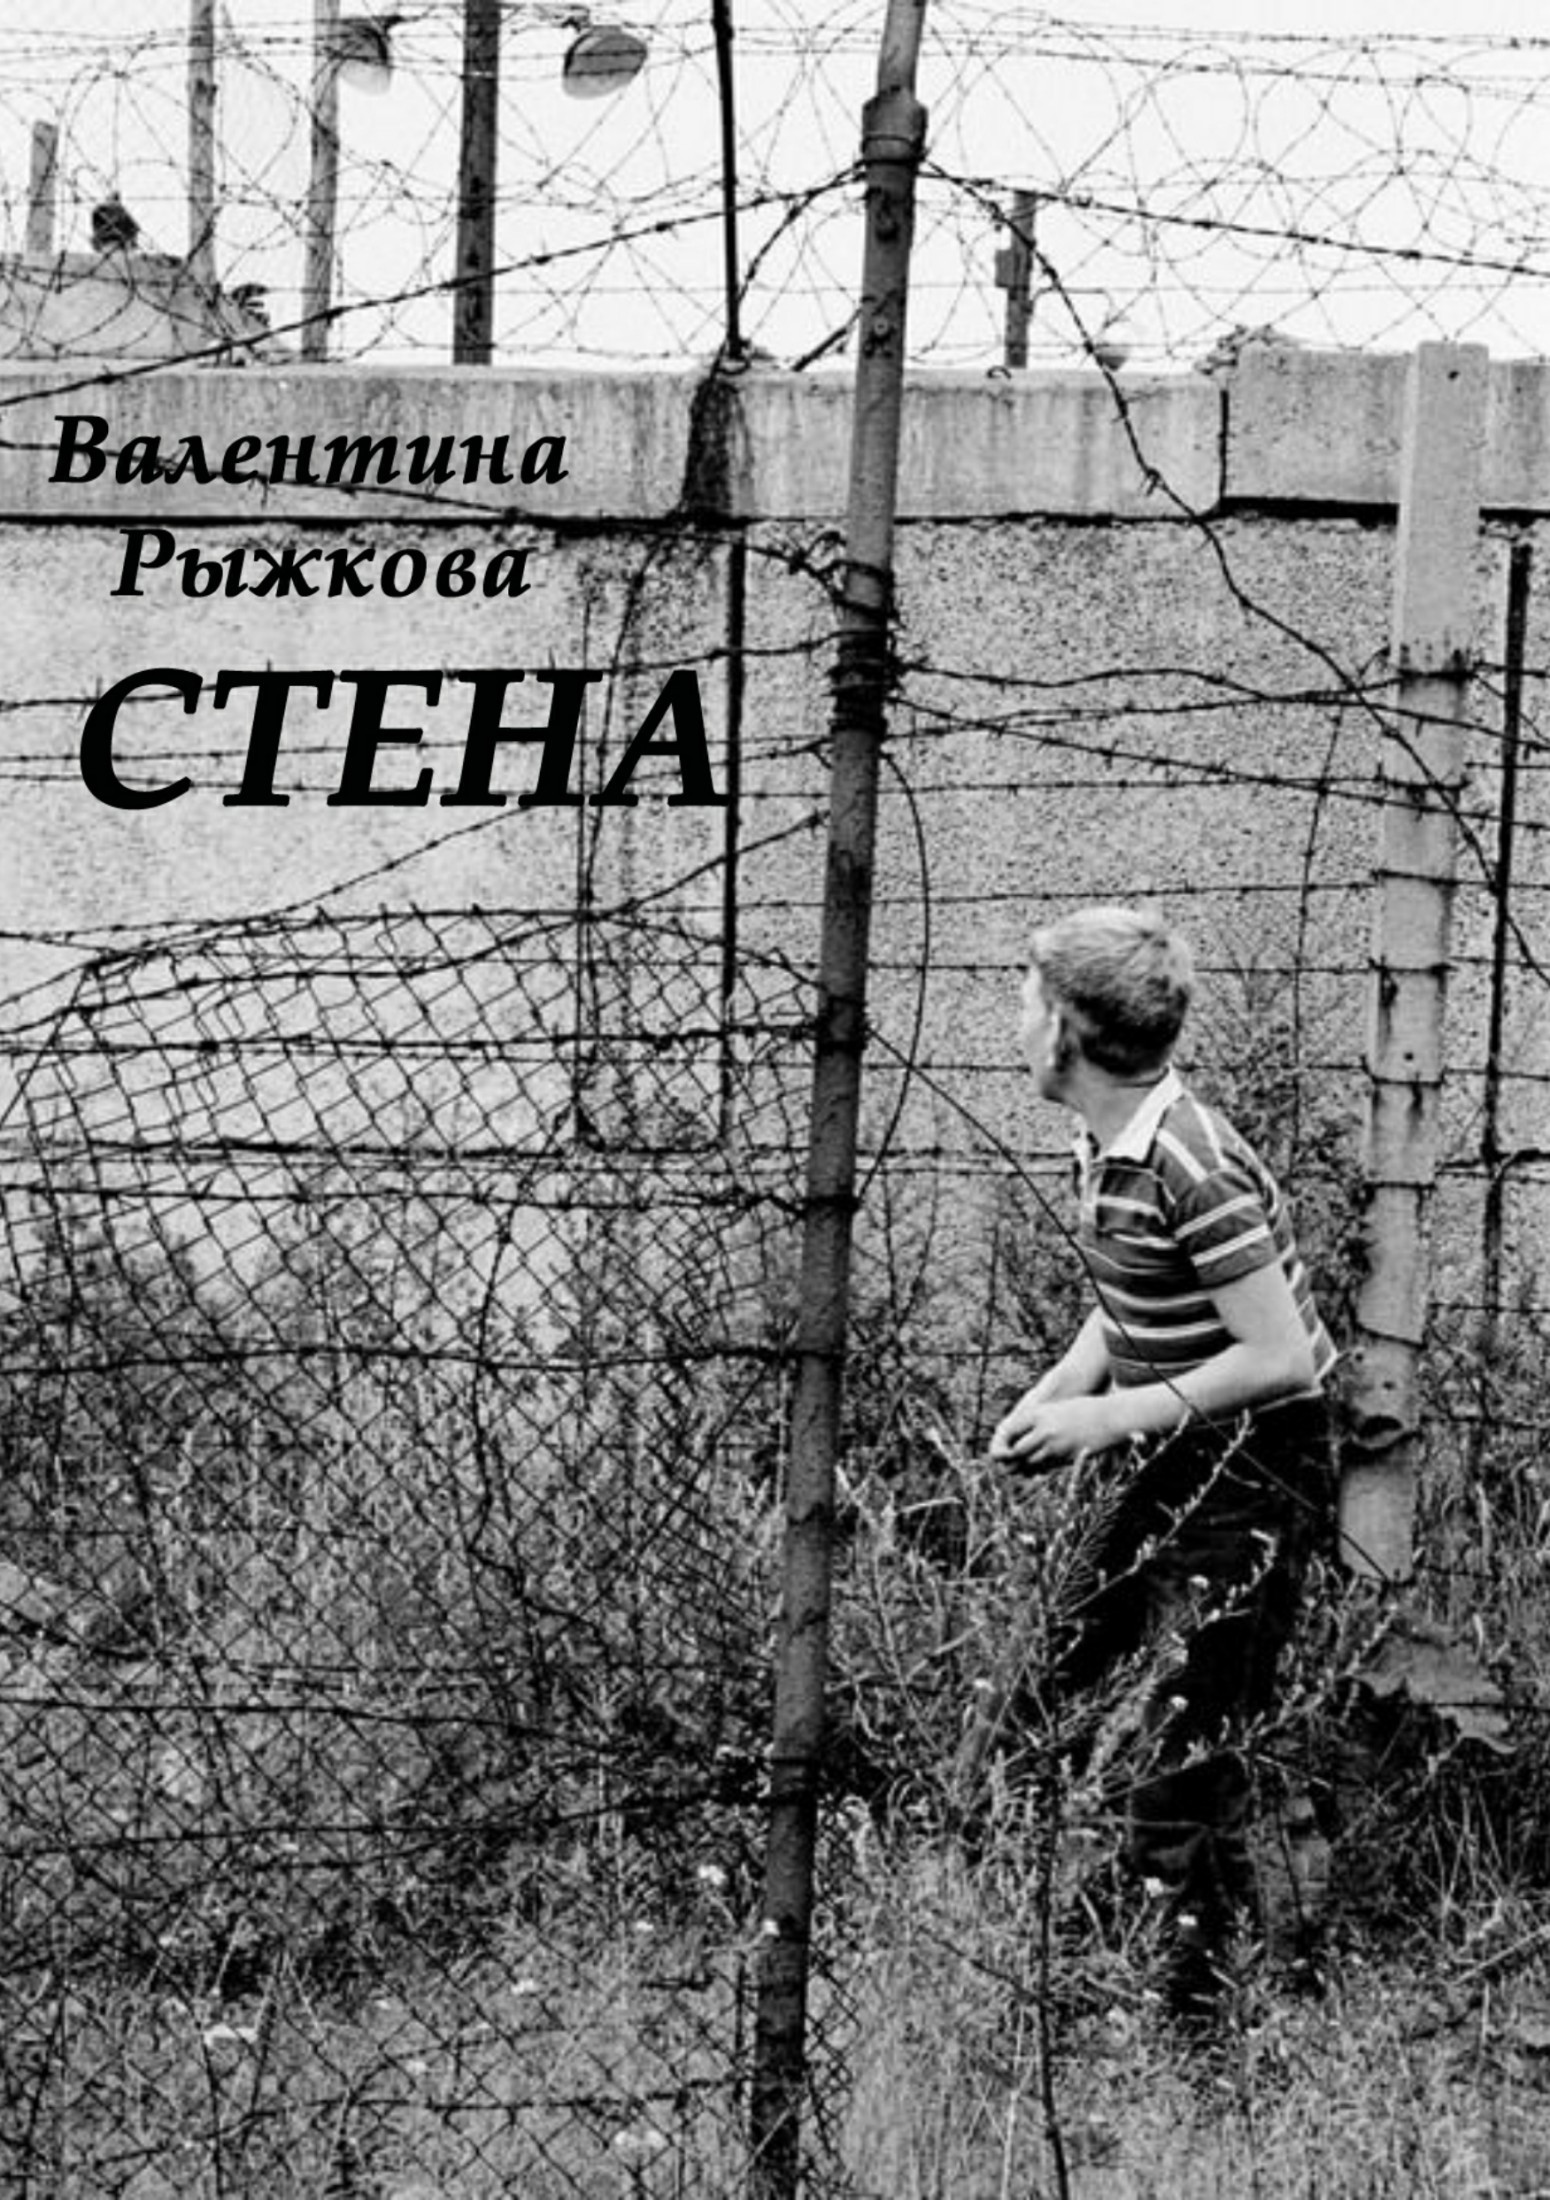 Валентина Ивановна Рыжкова. Стена